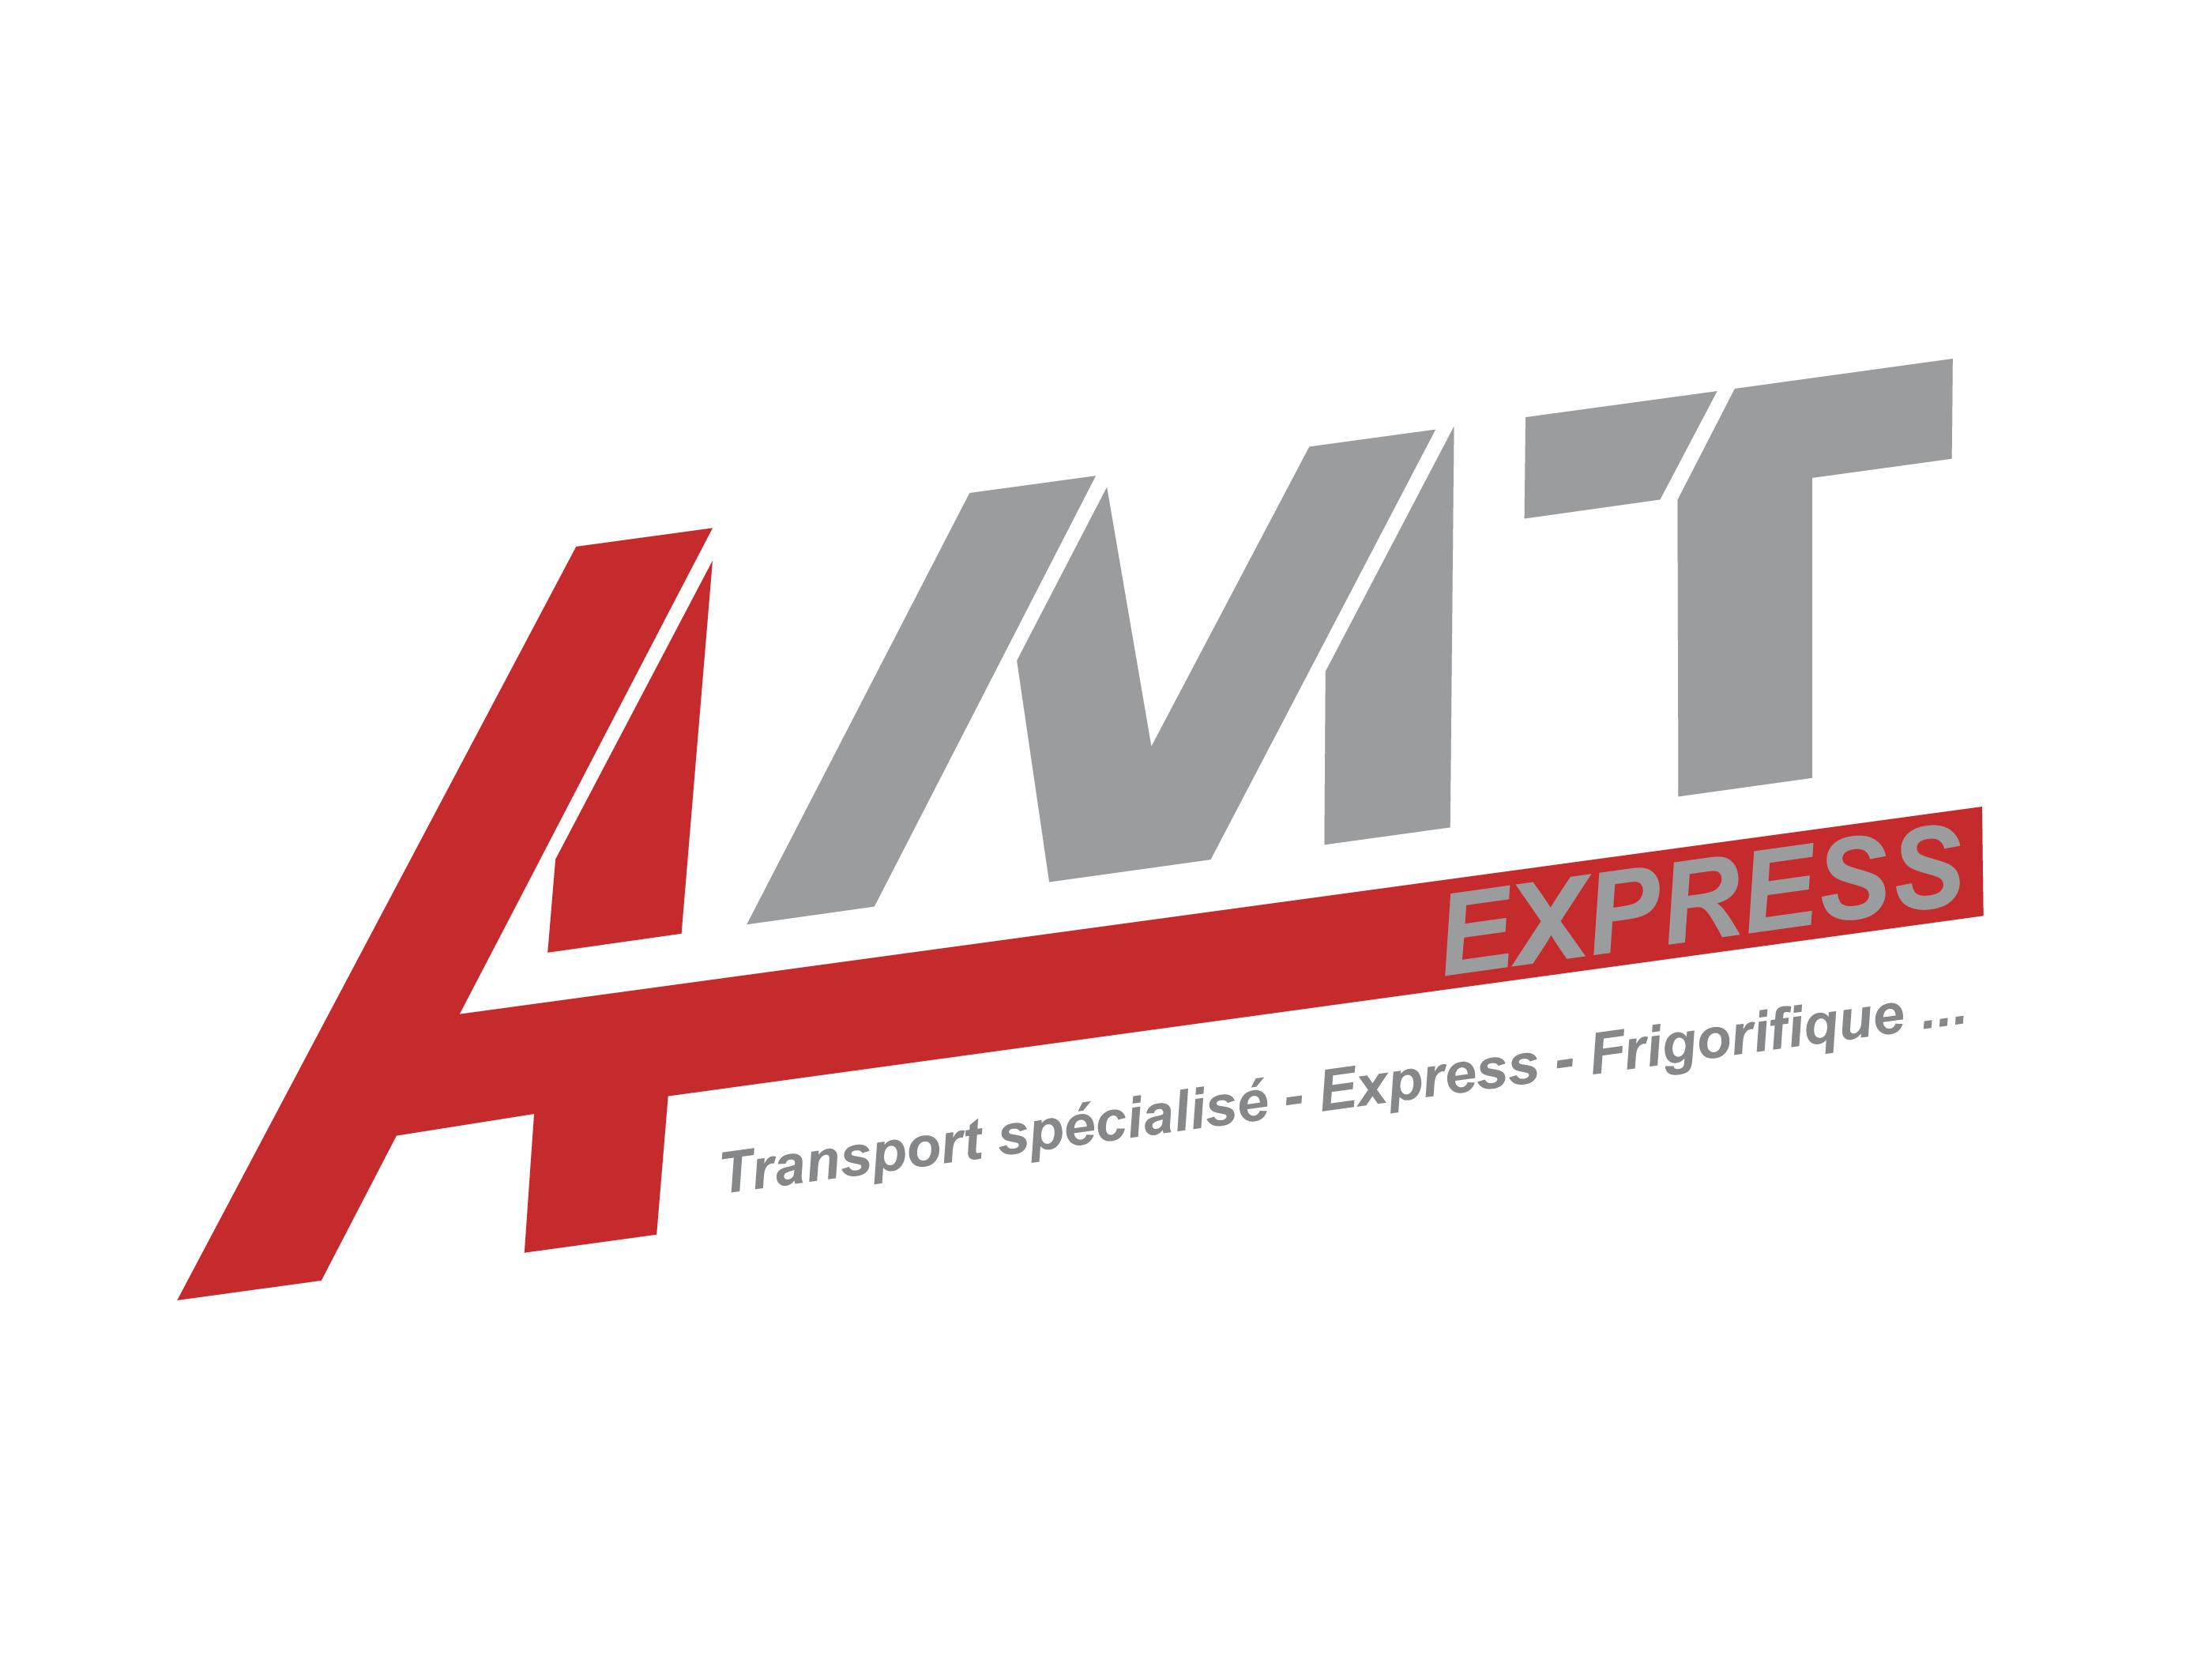 logo officiel amt express sur site ismacom